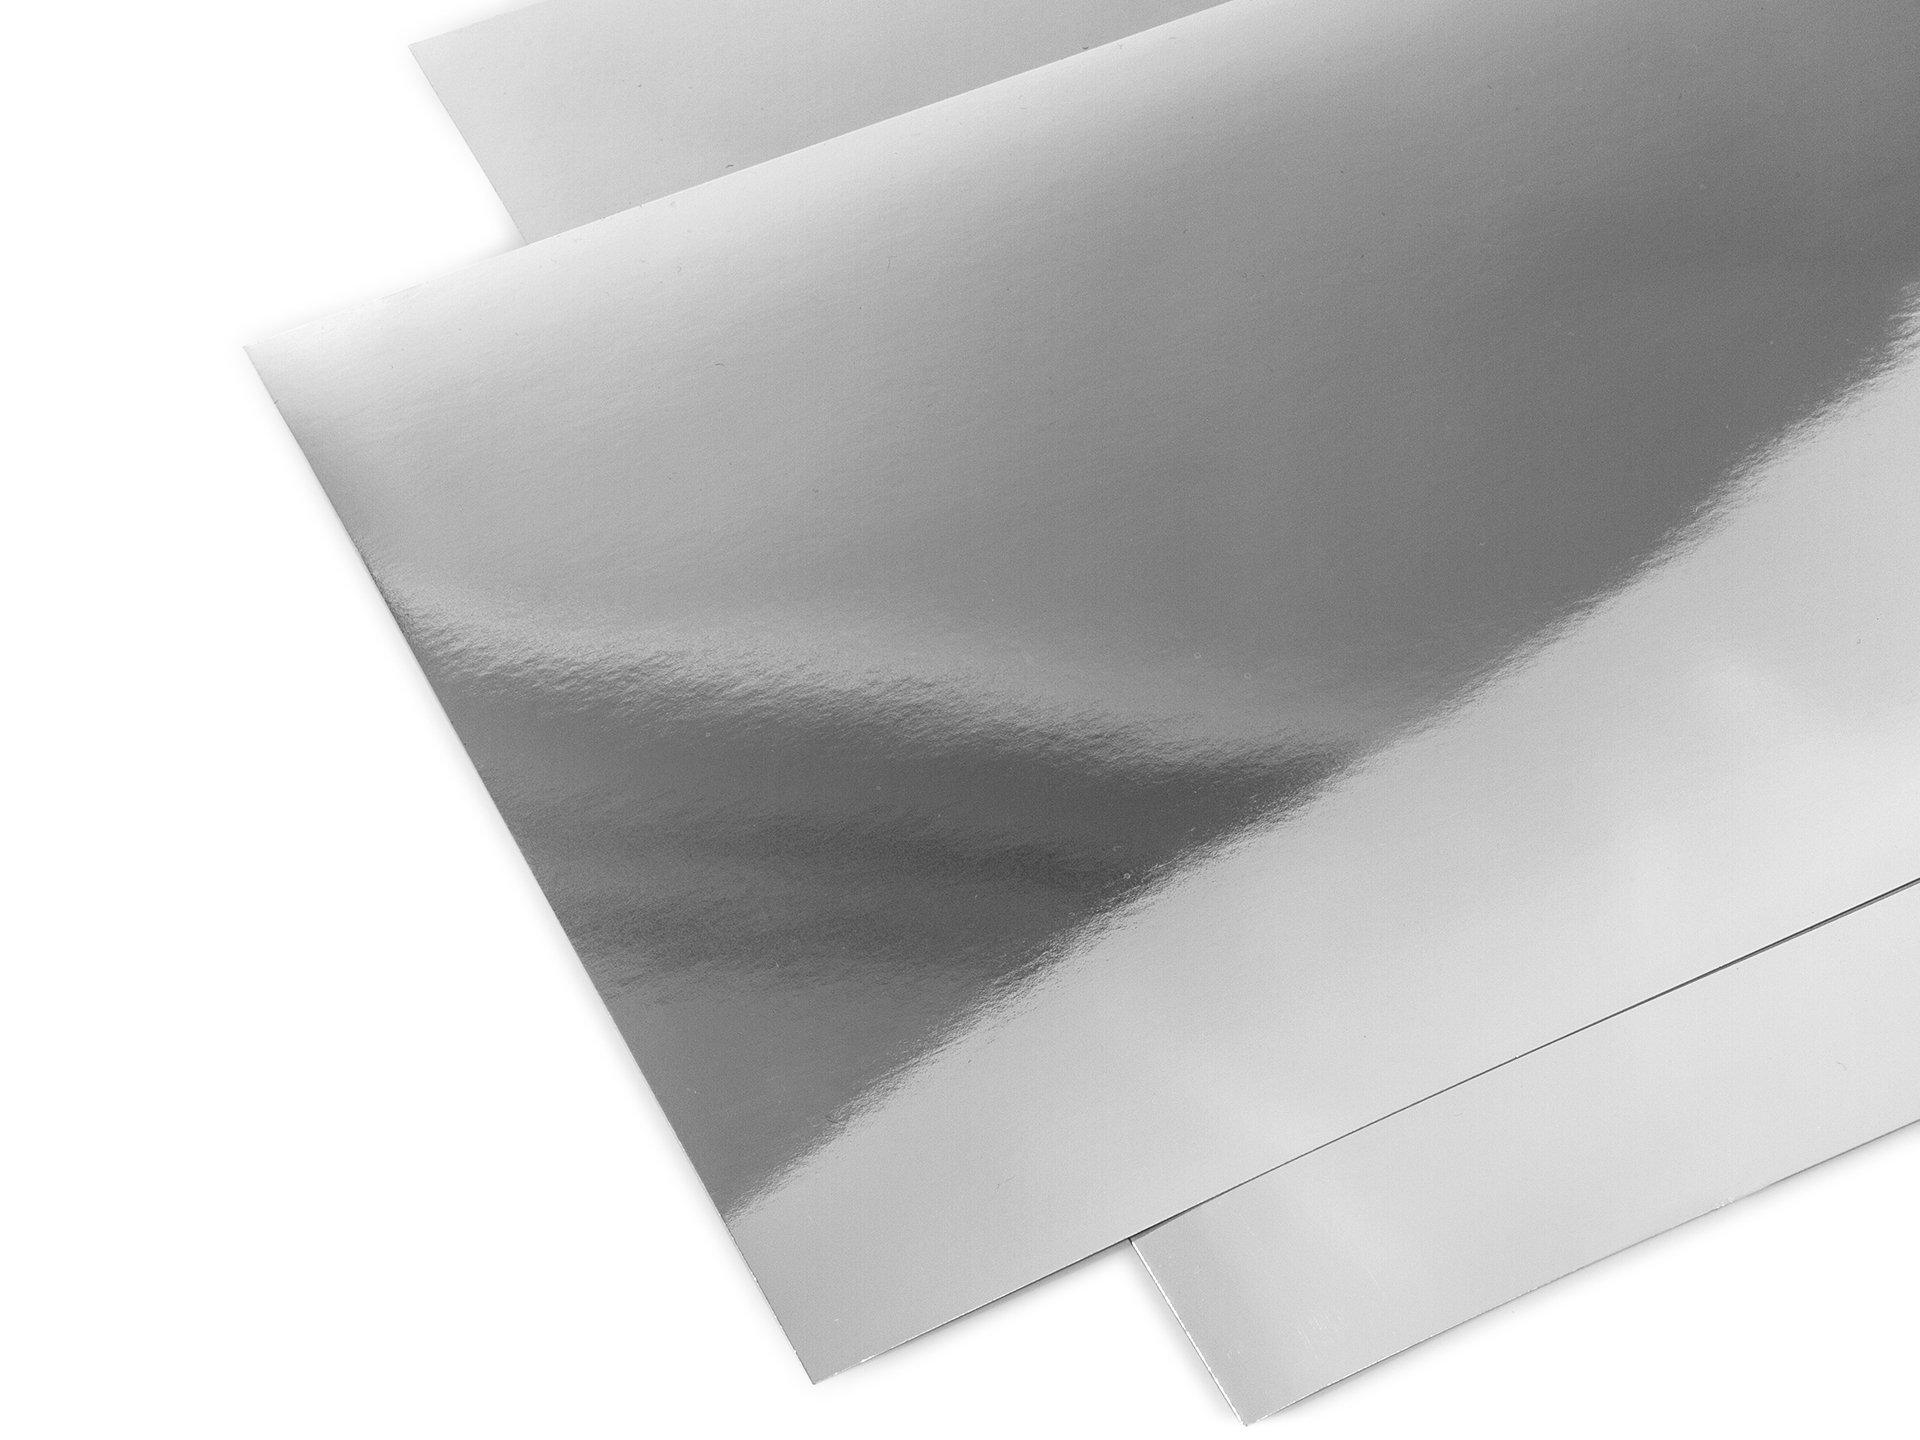 Acrylglas XT Spiegel, silber, glatt im Zuschnitt oder Standardformat ...